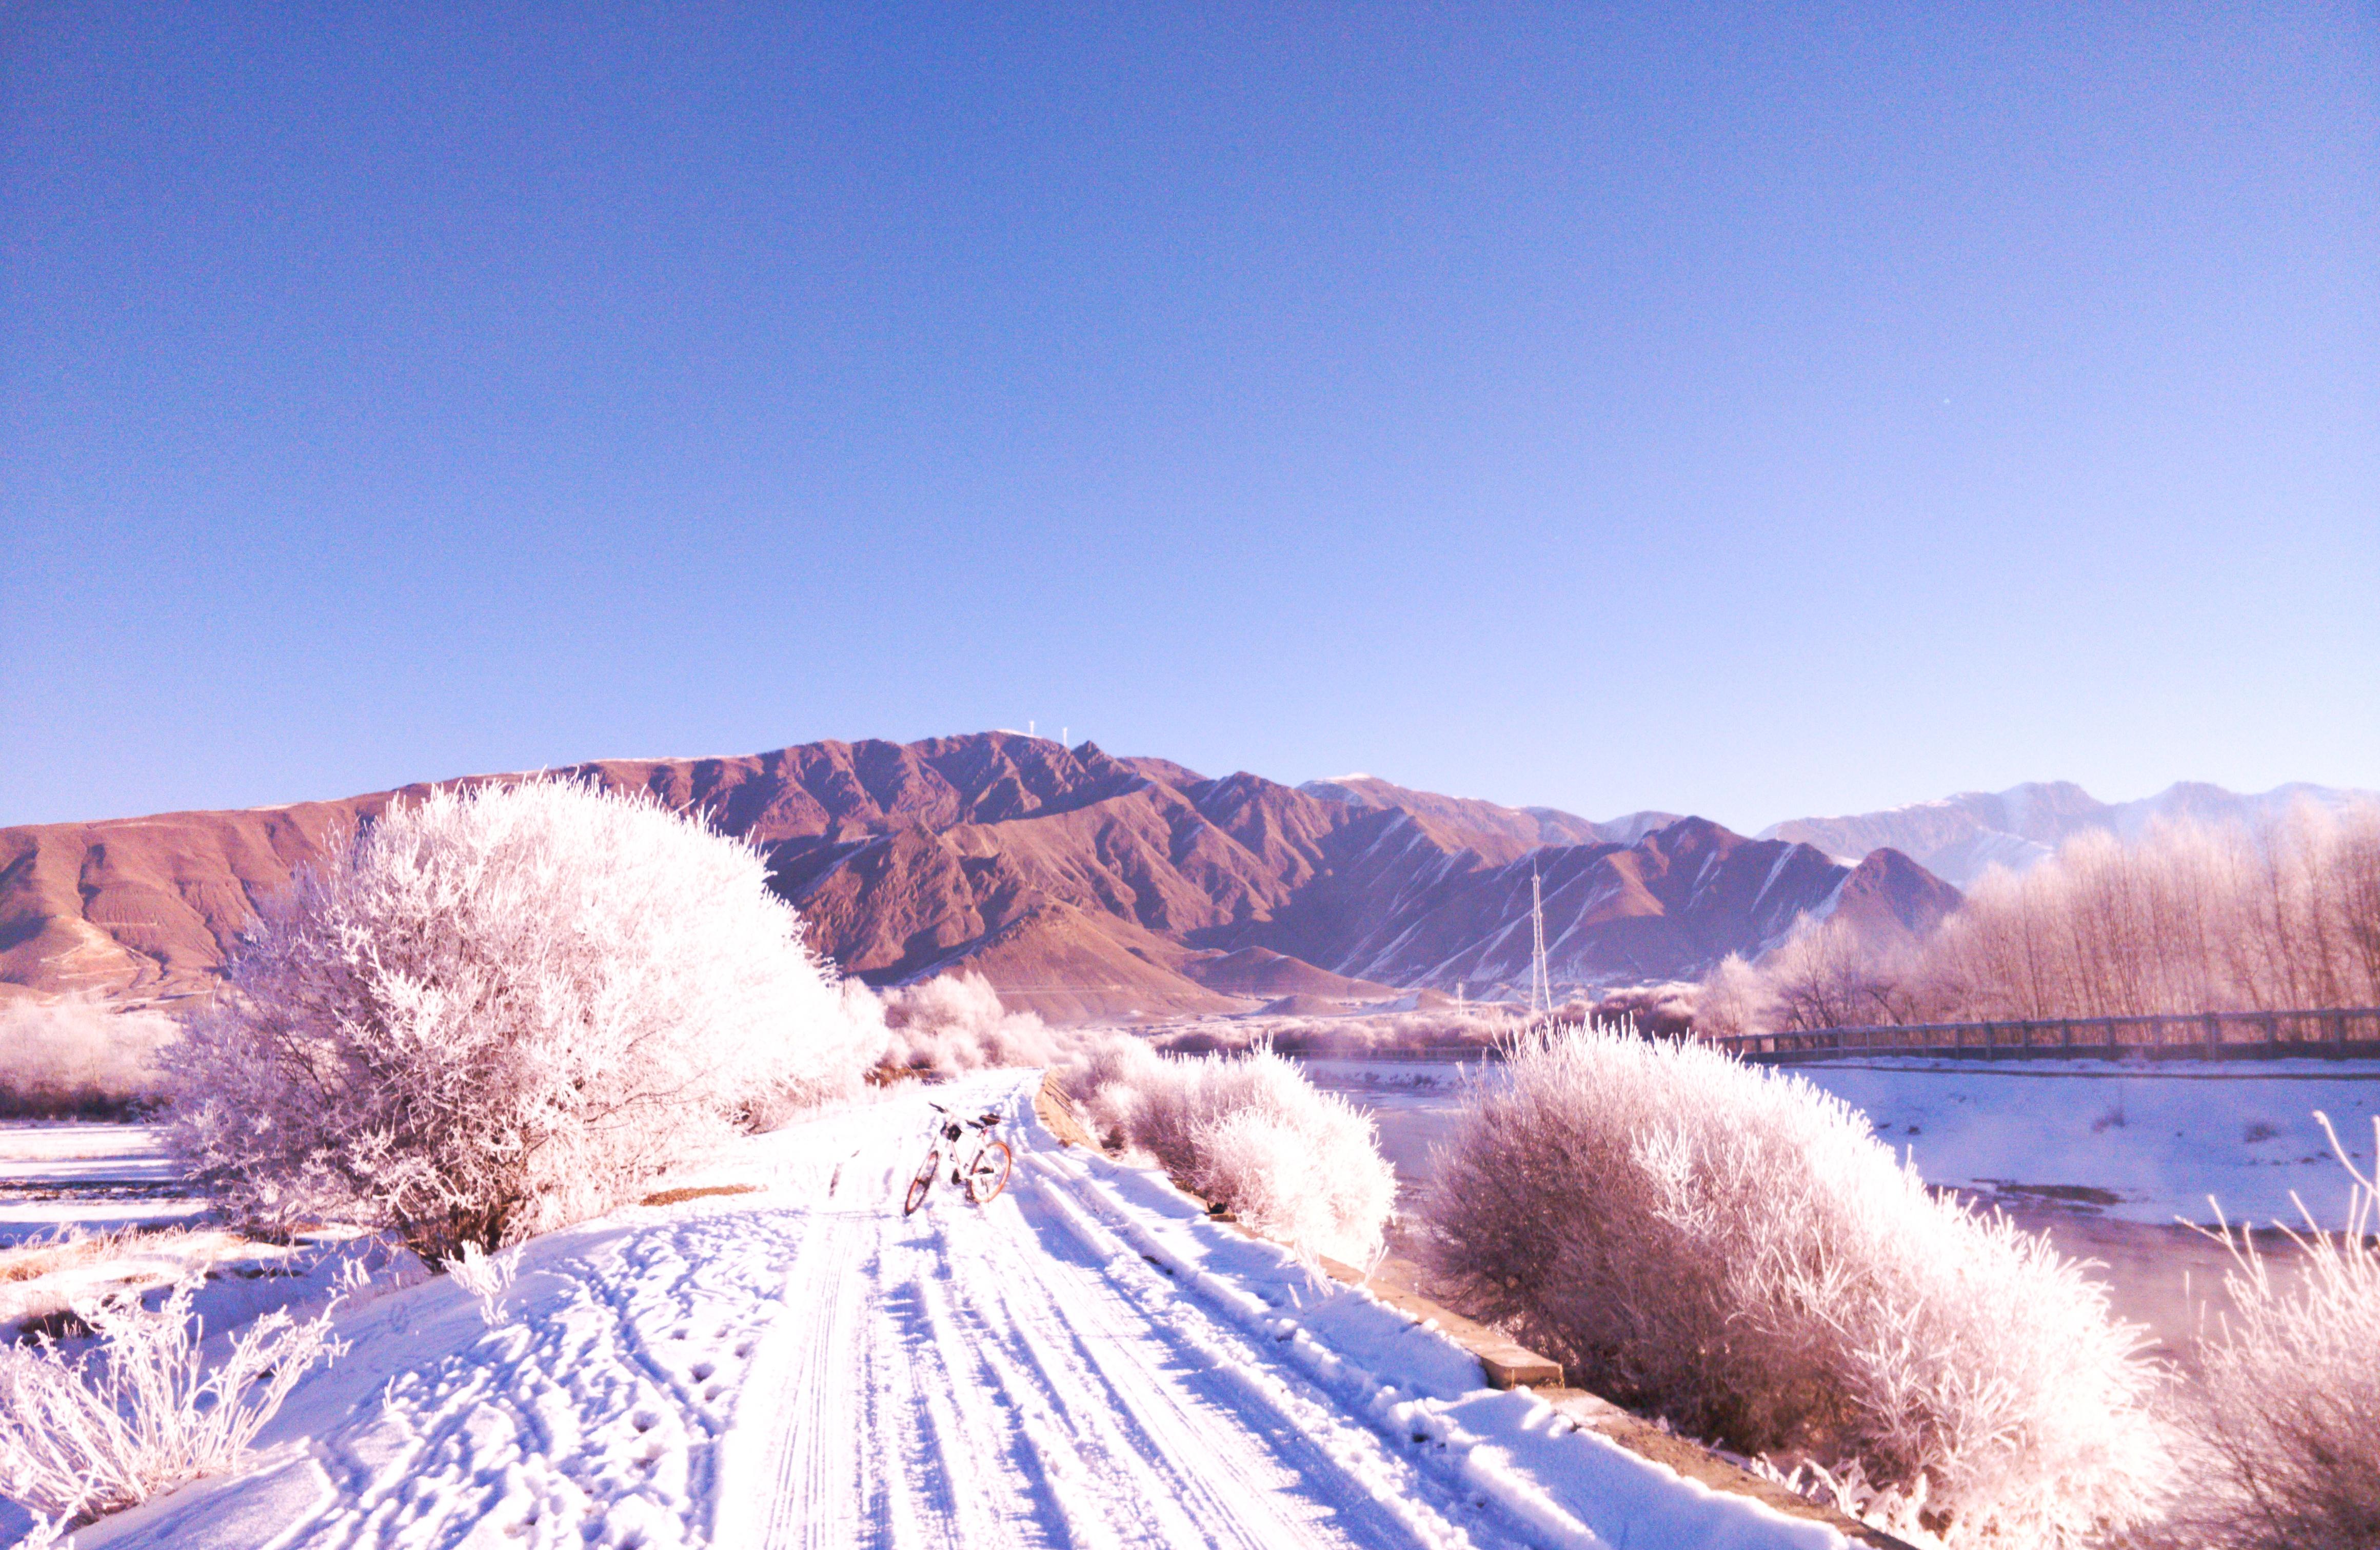 雪景44.jpg